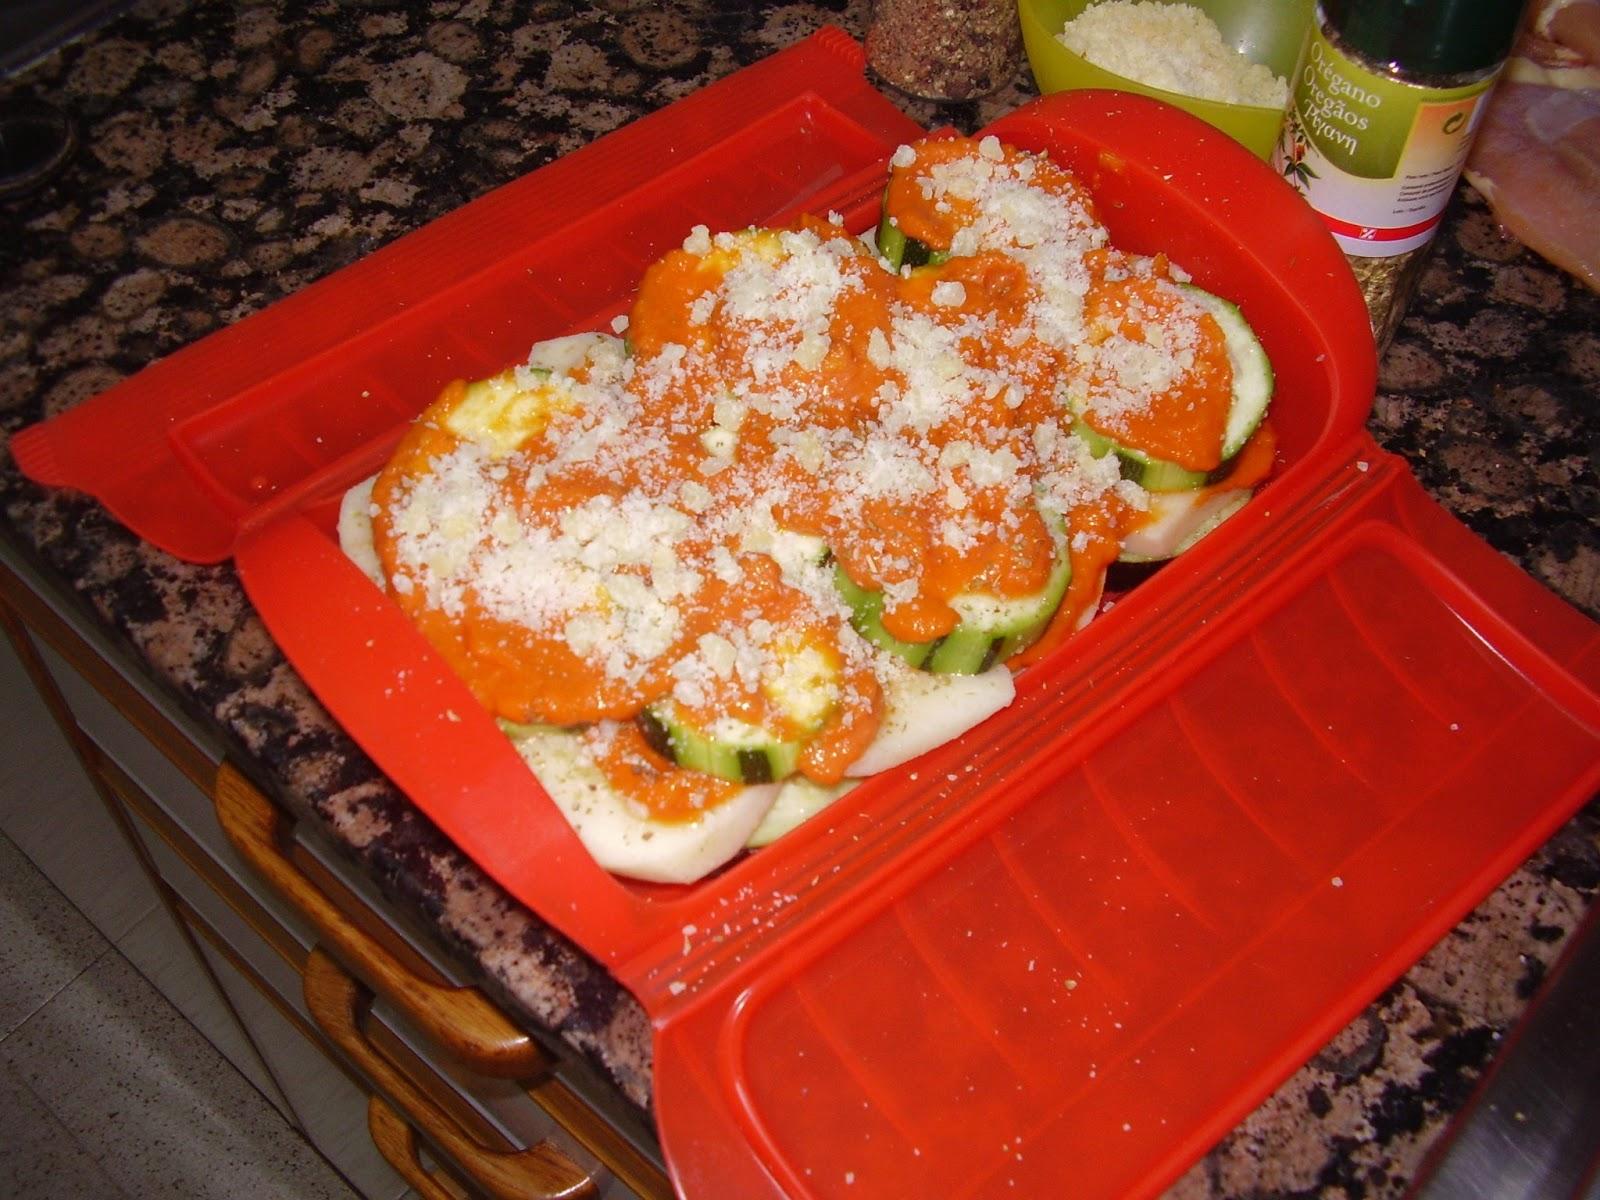 La cocina de marineus timbal de verduras al vapor en for Comidas hechas en microondas